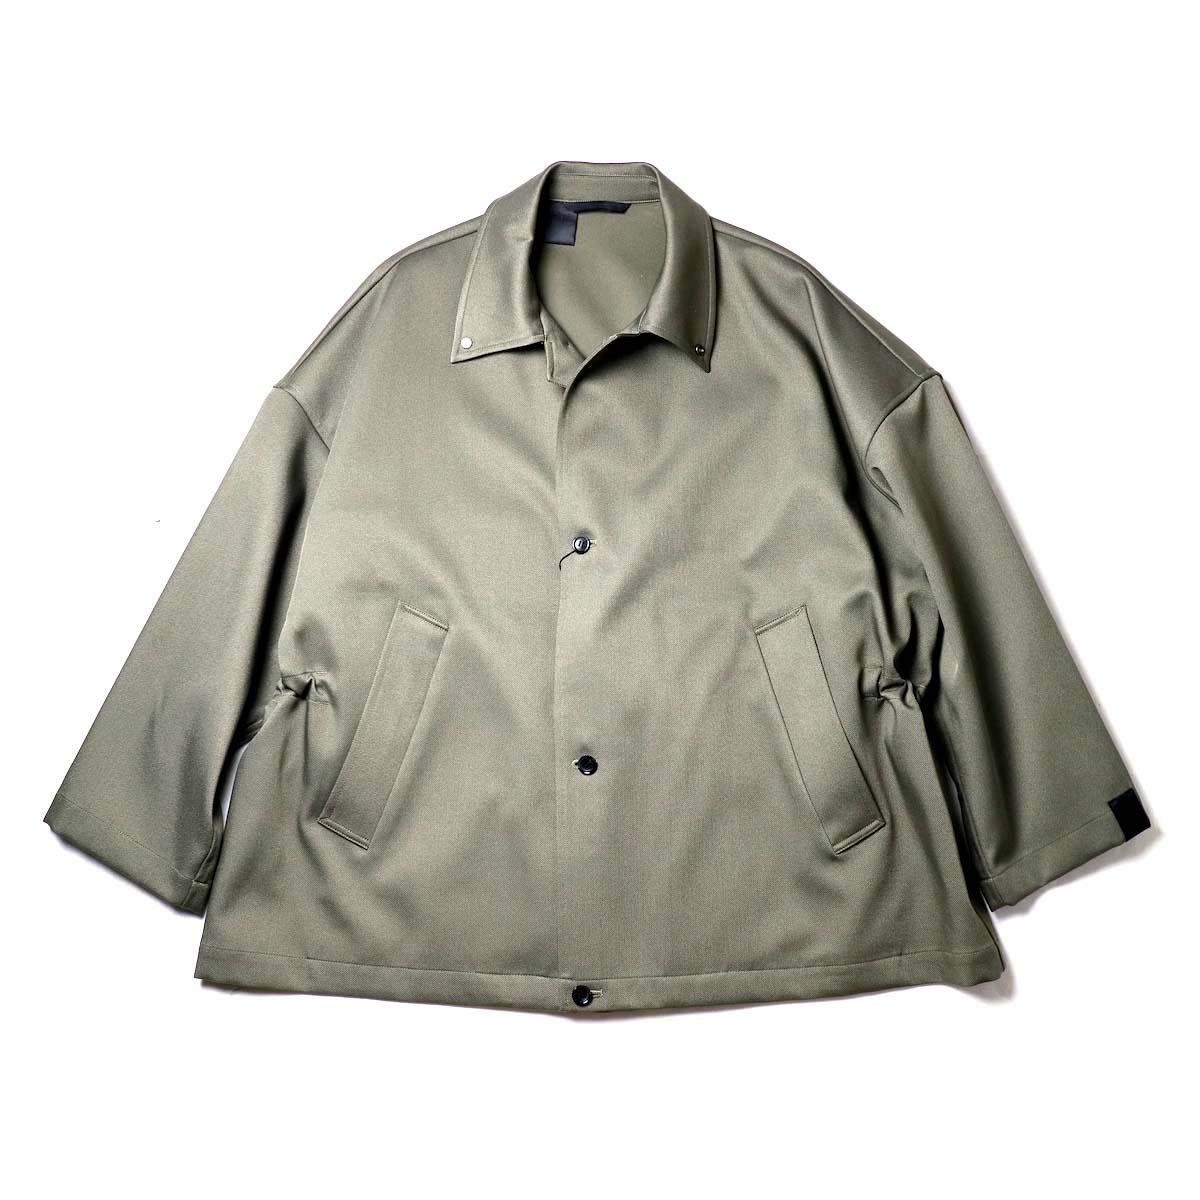 N.HOOLYWOOD / 2202-CO10-017 BALMACAAN HALF COAT (Khaki)